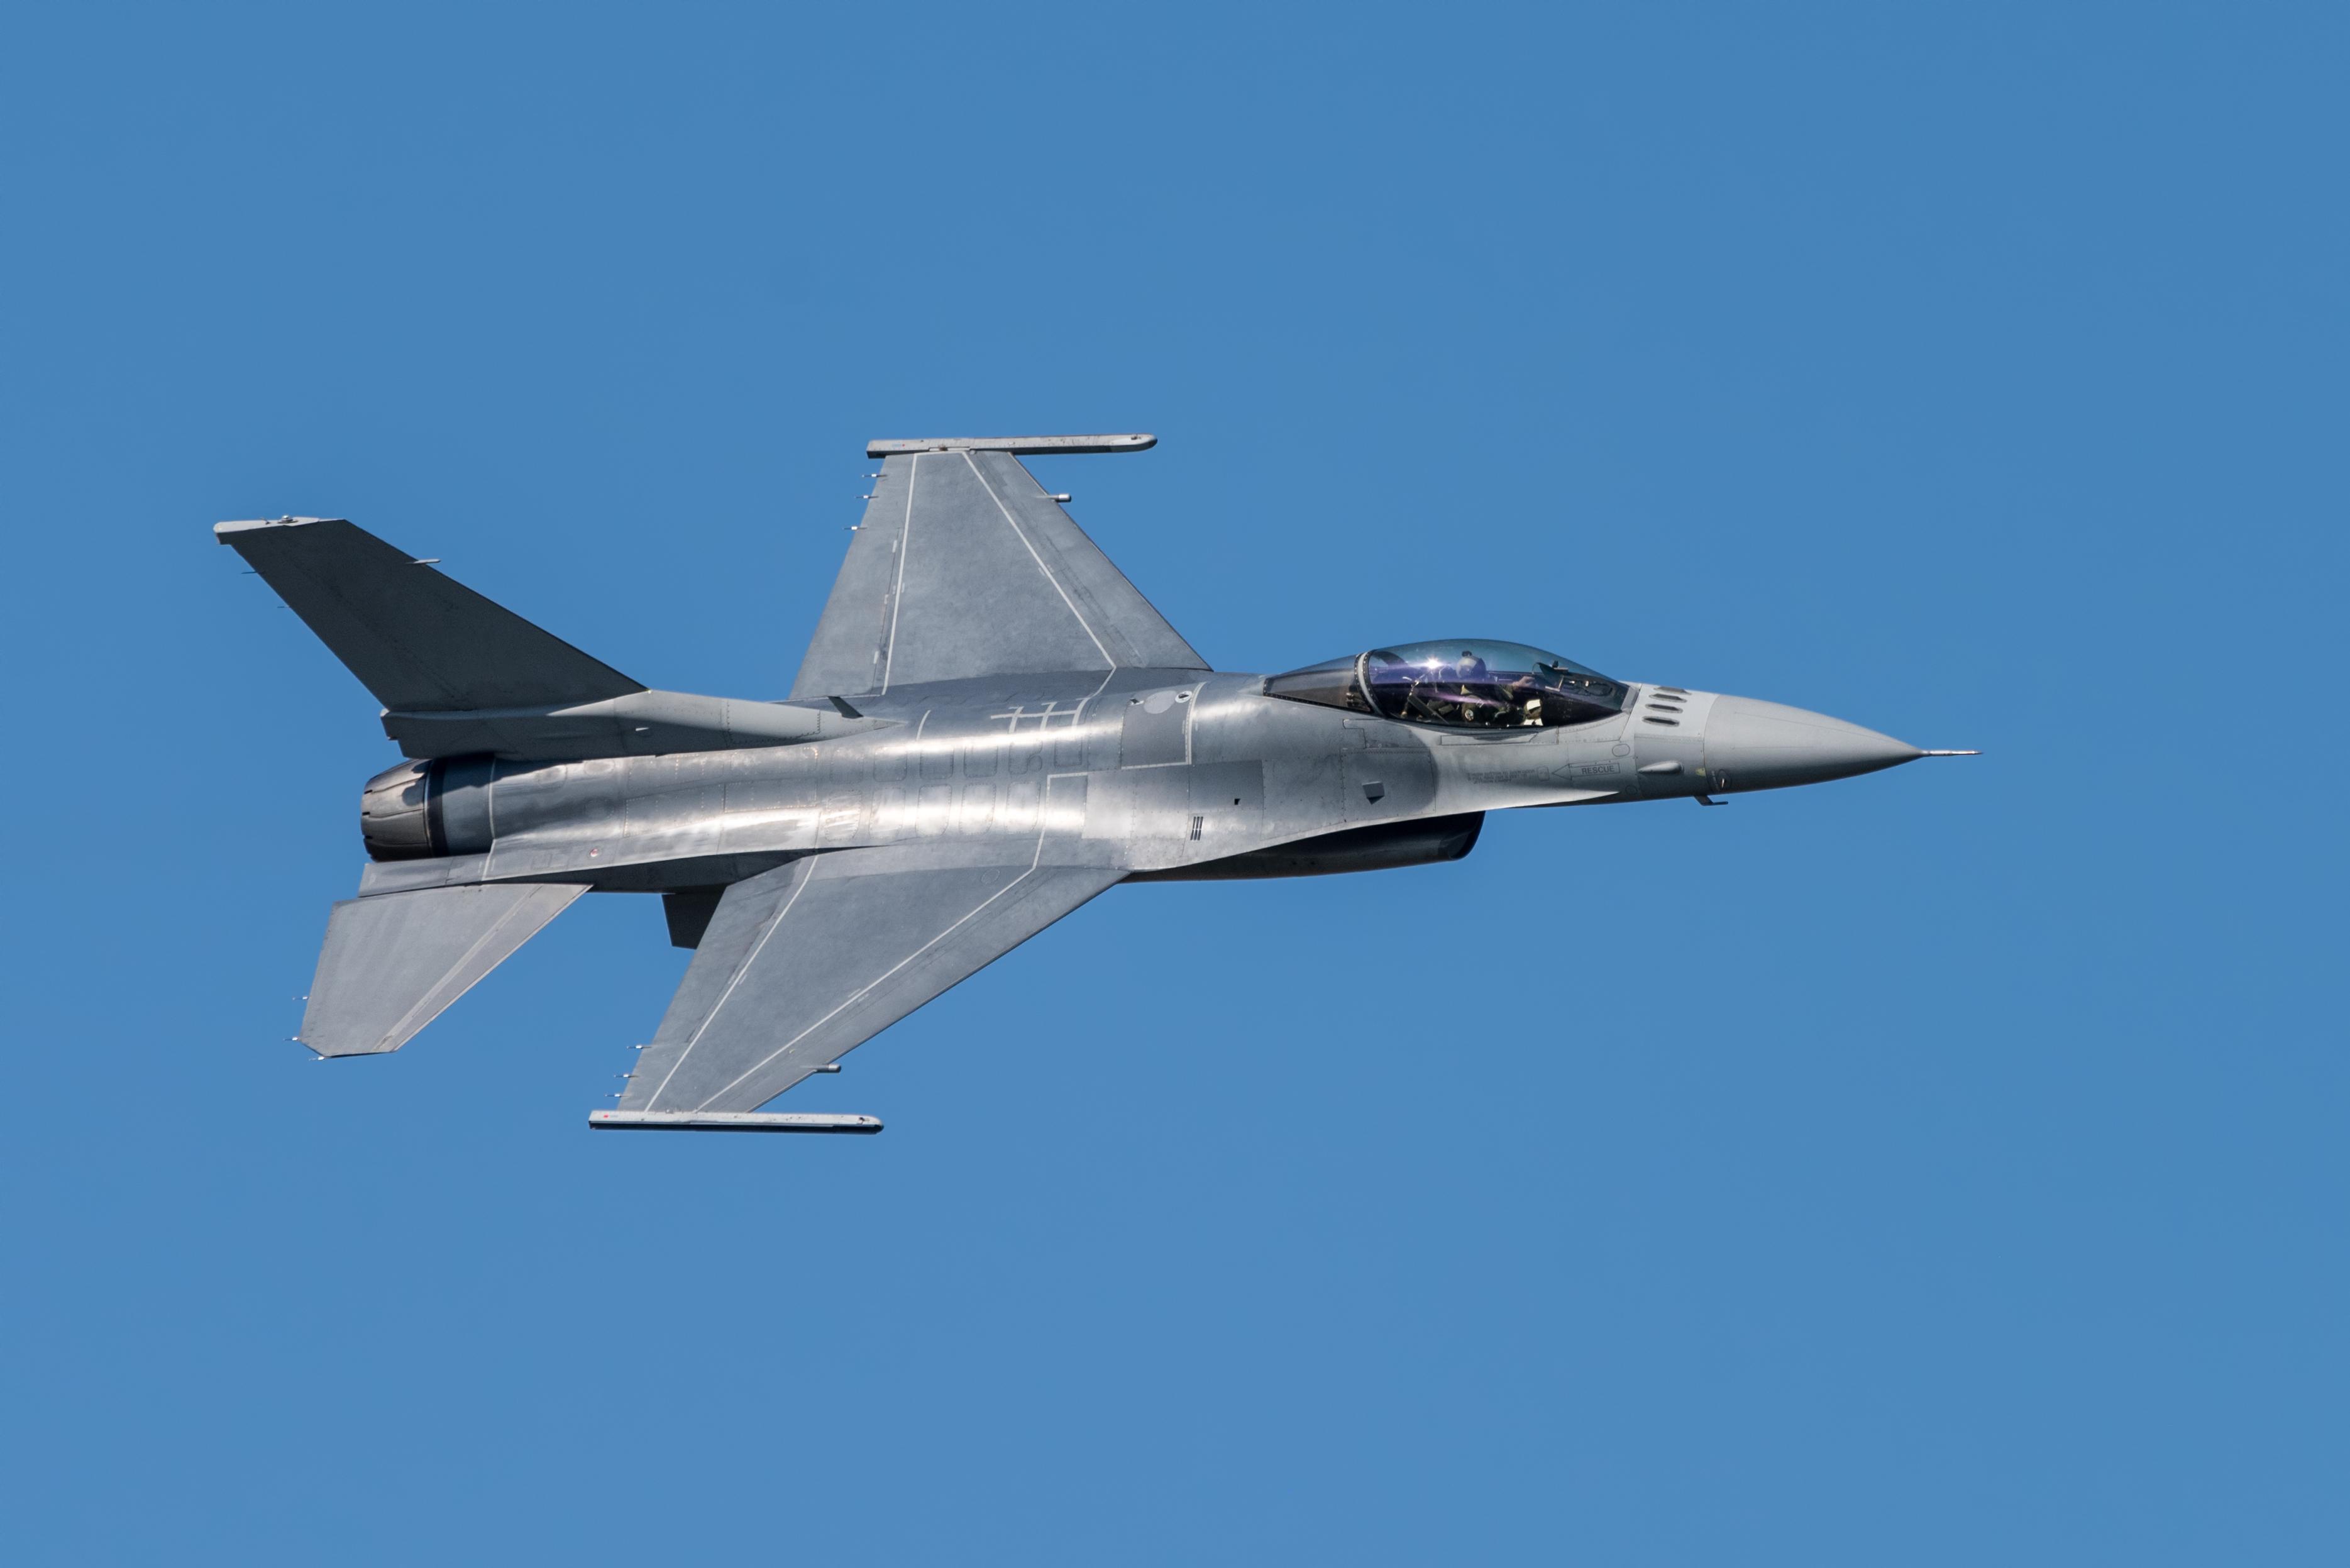 Piese dintr-o aeronavă F-16 au căzut marţi, în timpul unui exerciţiu, în județul Galați. Nu există victime